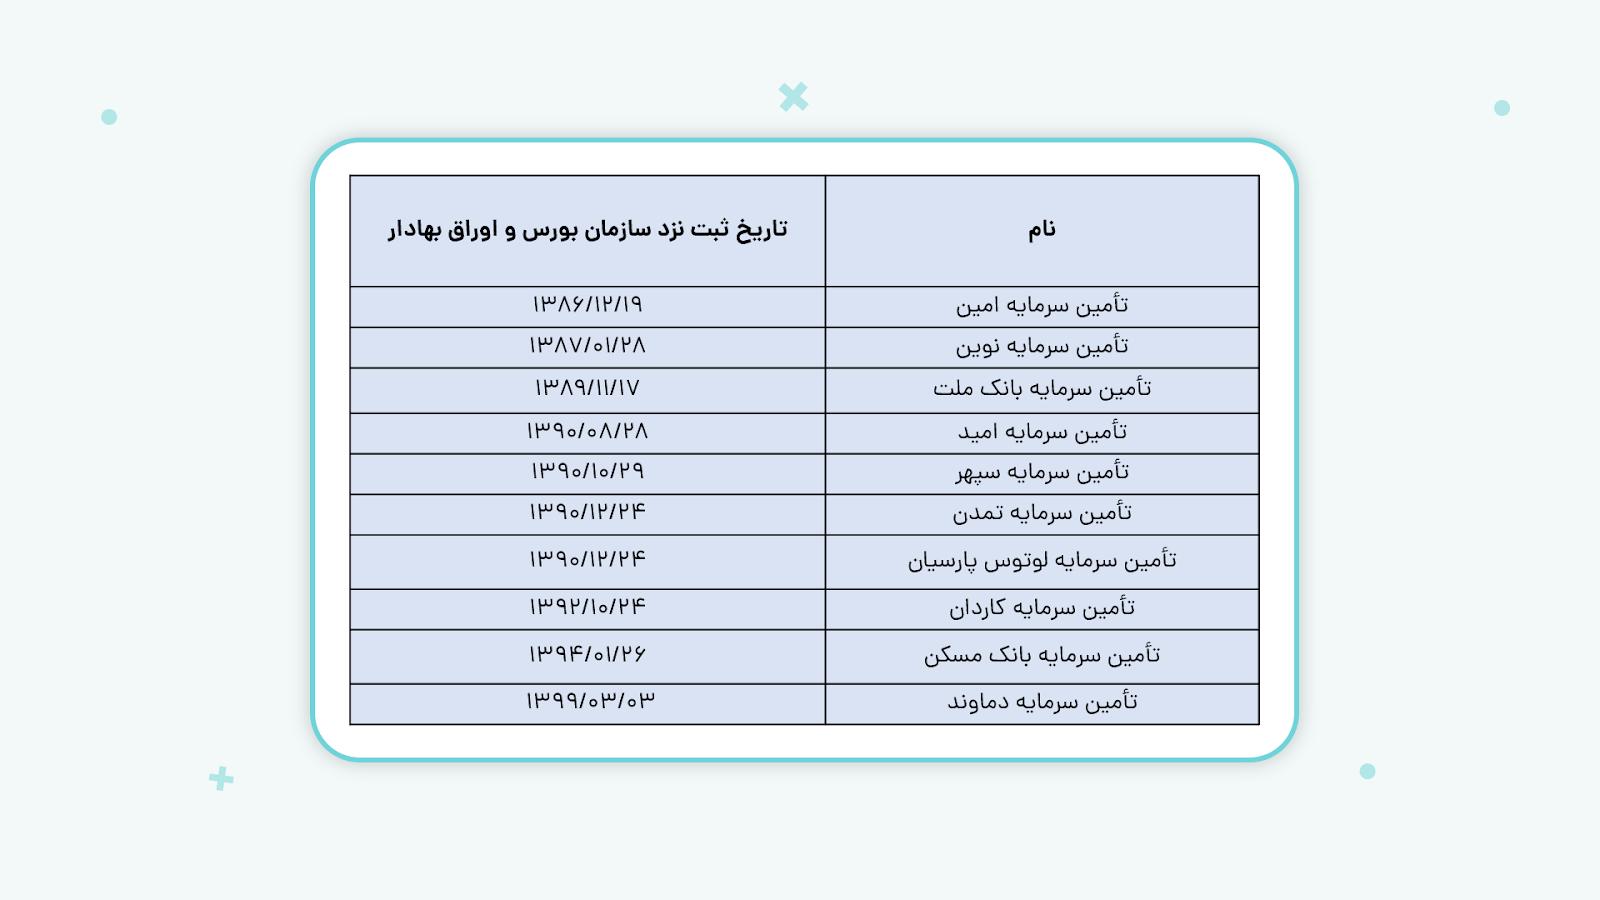 لیست شرکتهای تامین سرمایه فعال در ایران